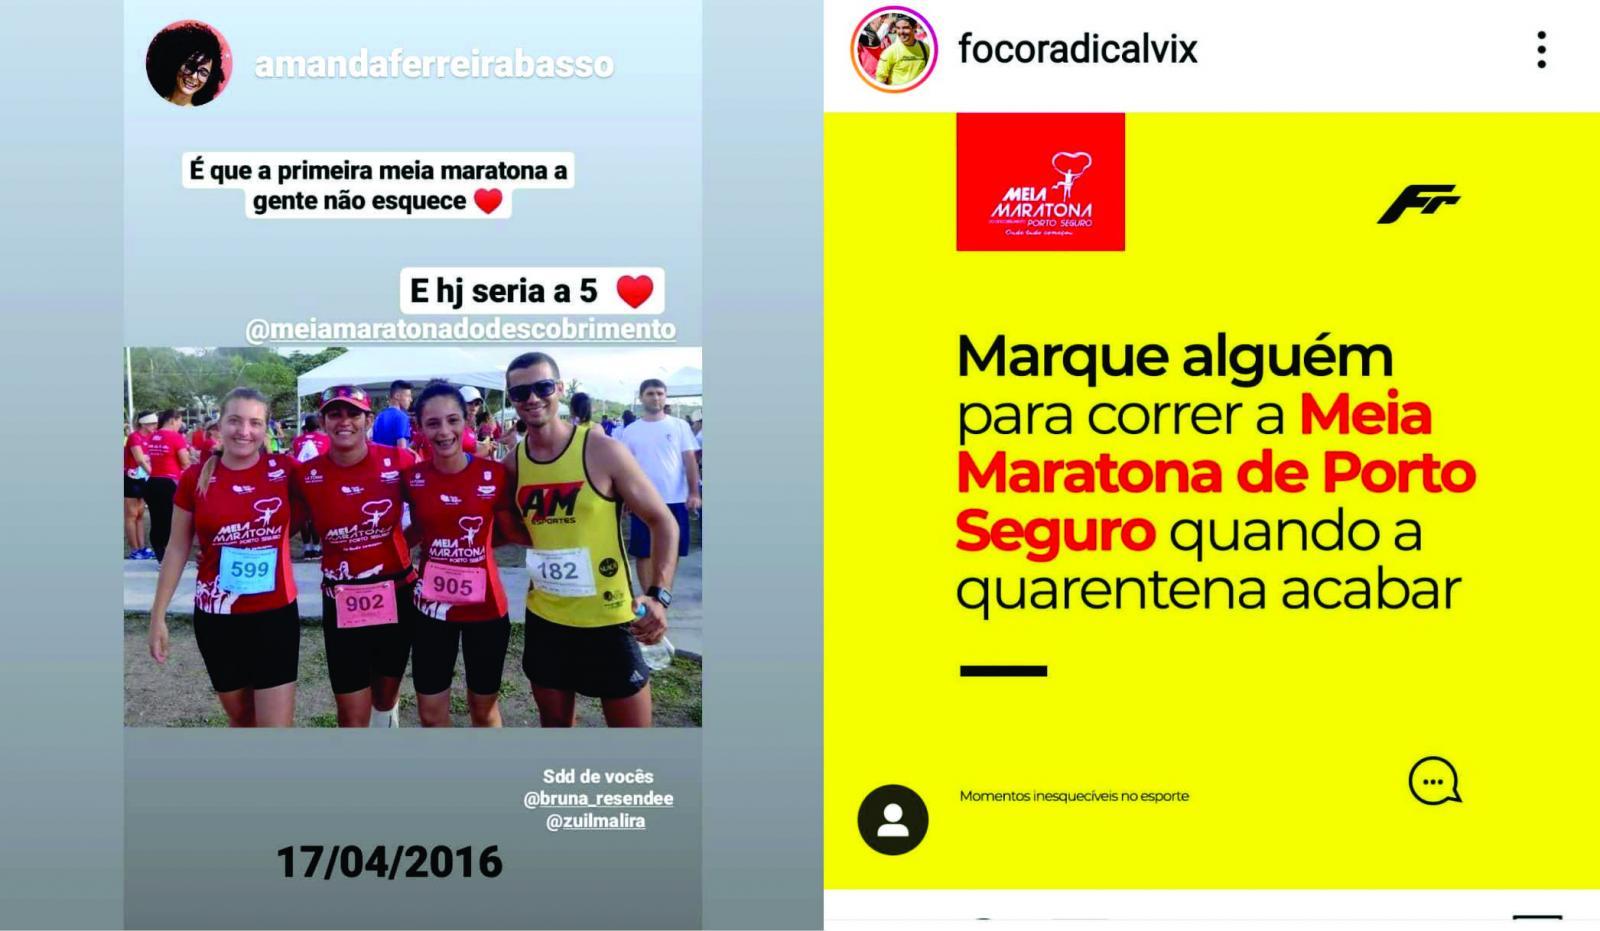 Corredores postam fotos e vídeos para homenagear a Meia Maratona do Descobrimento